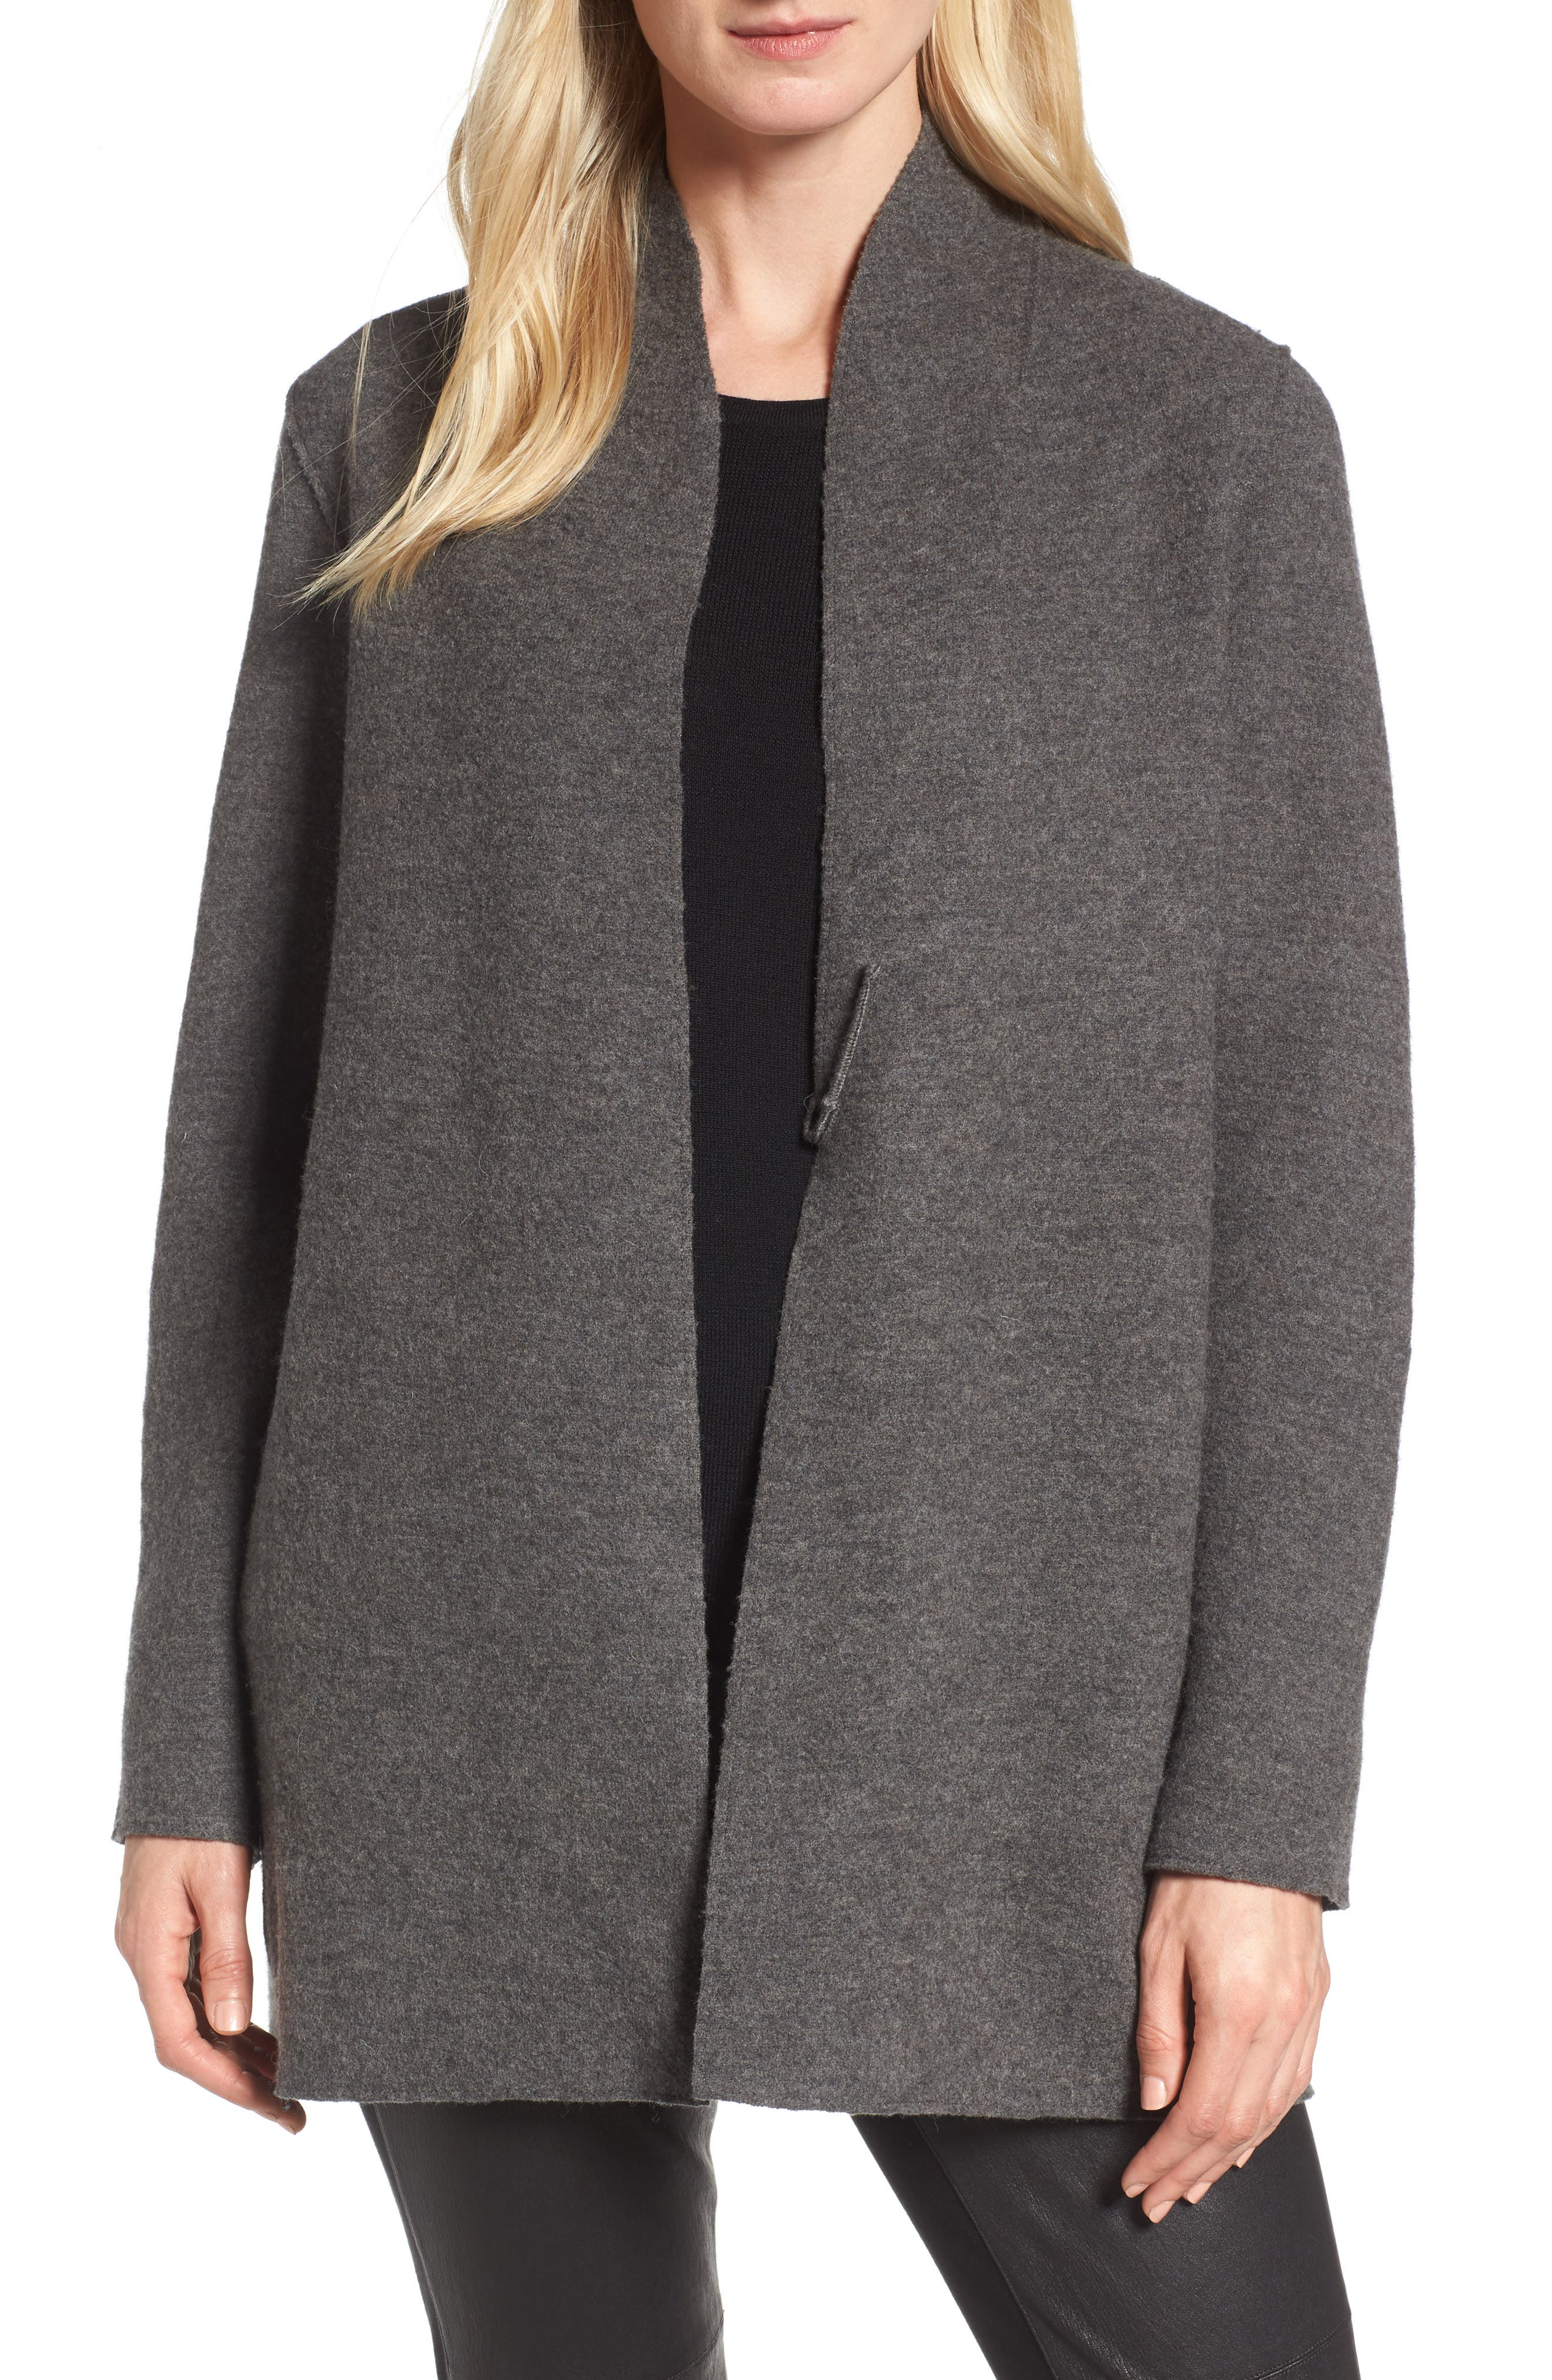 Boiled Wool Jacket,                             Main thumbnail 1, color,                             210